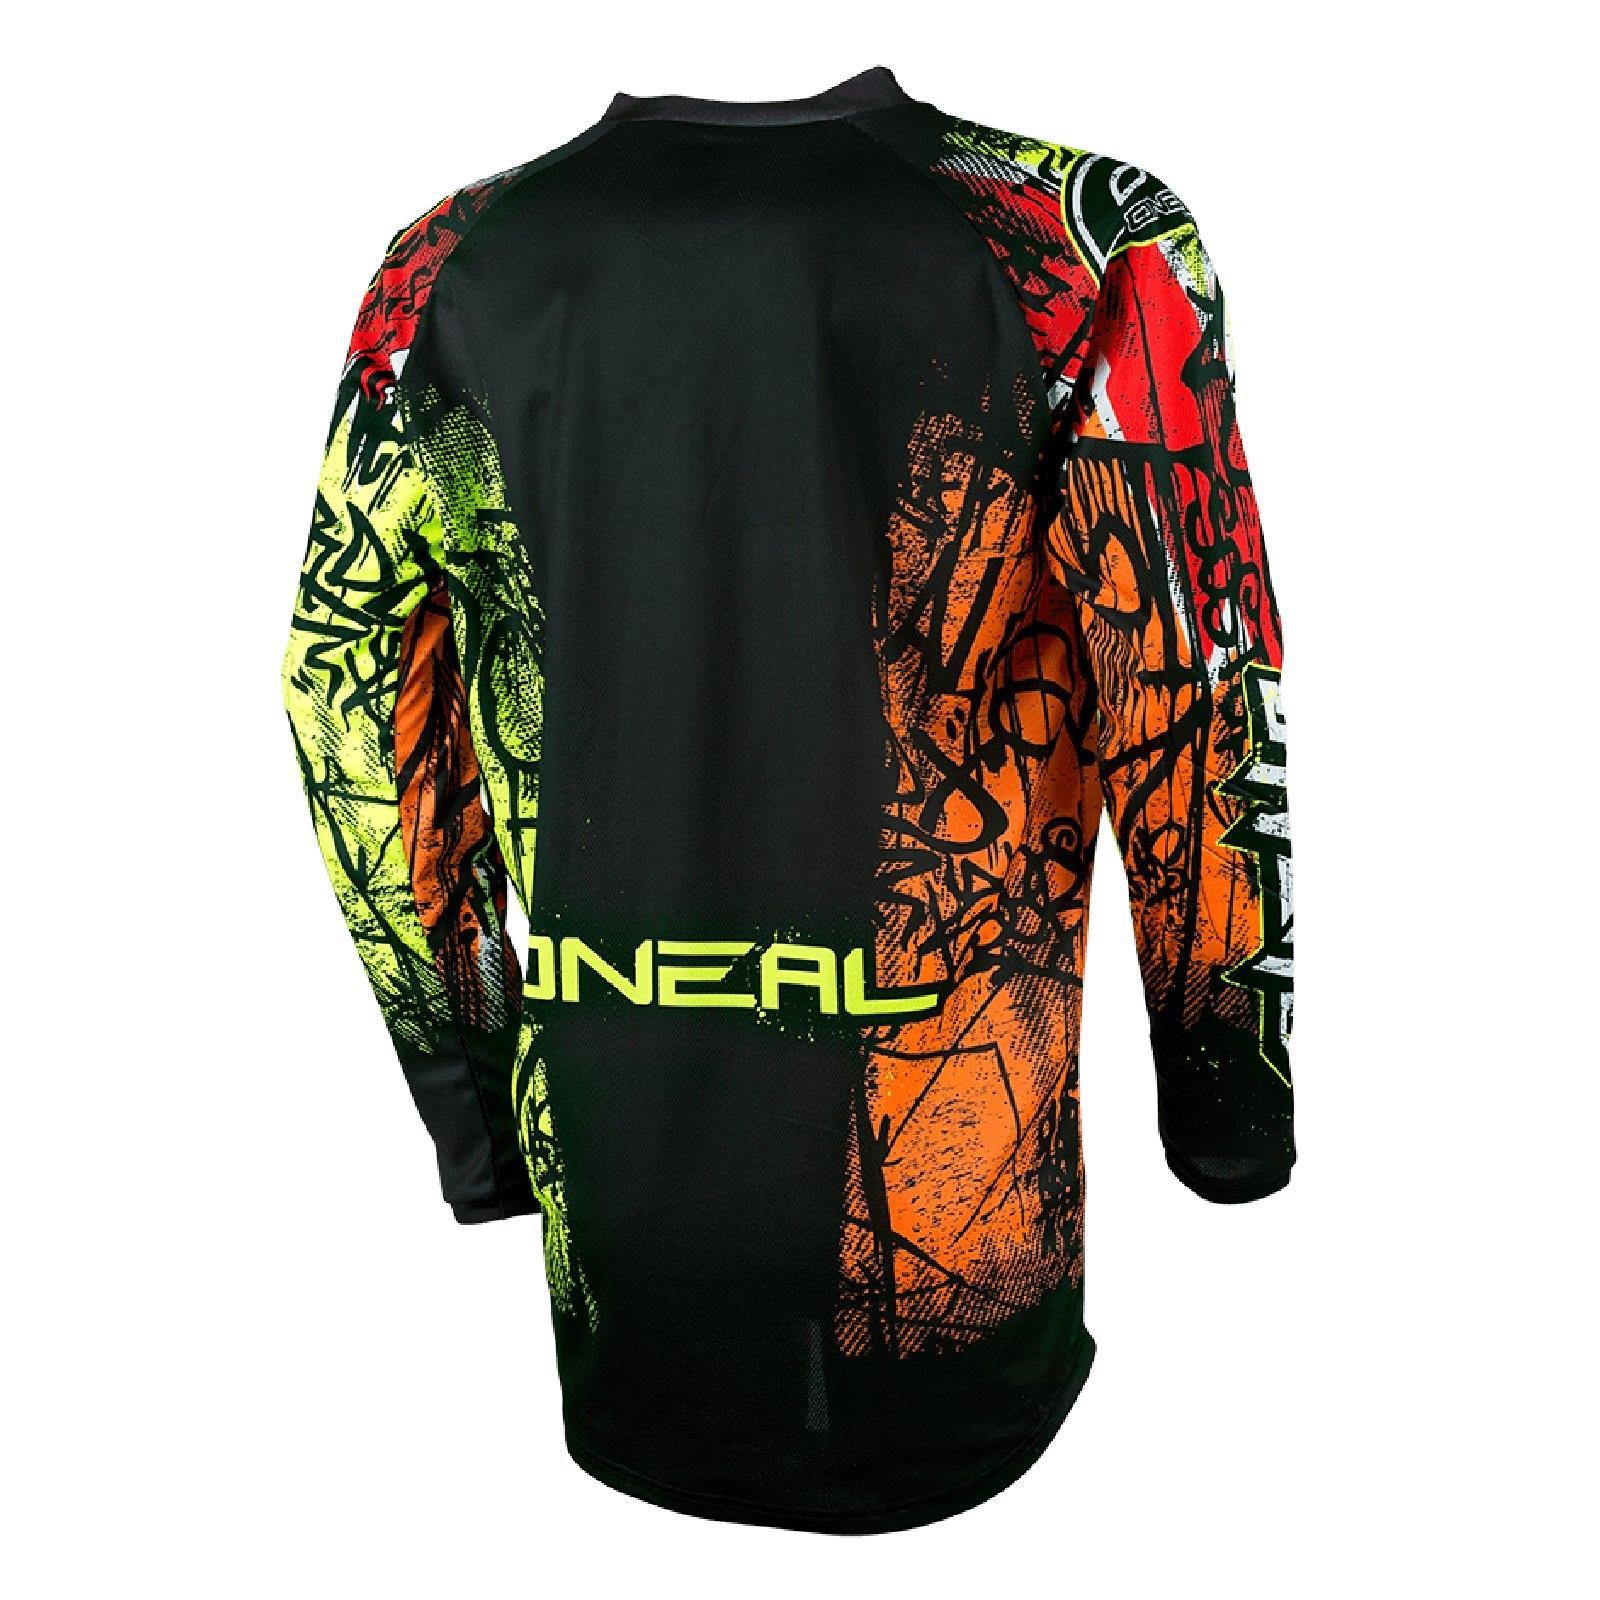 ONEAL-Element-MX-Jersey-VANDAL-maglietta-moto-cross-SX-ENDURO-conducente-Camicia-terreno miniatura 3